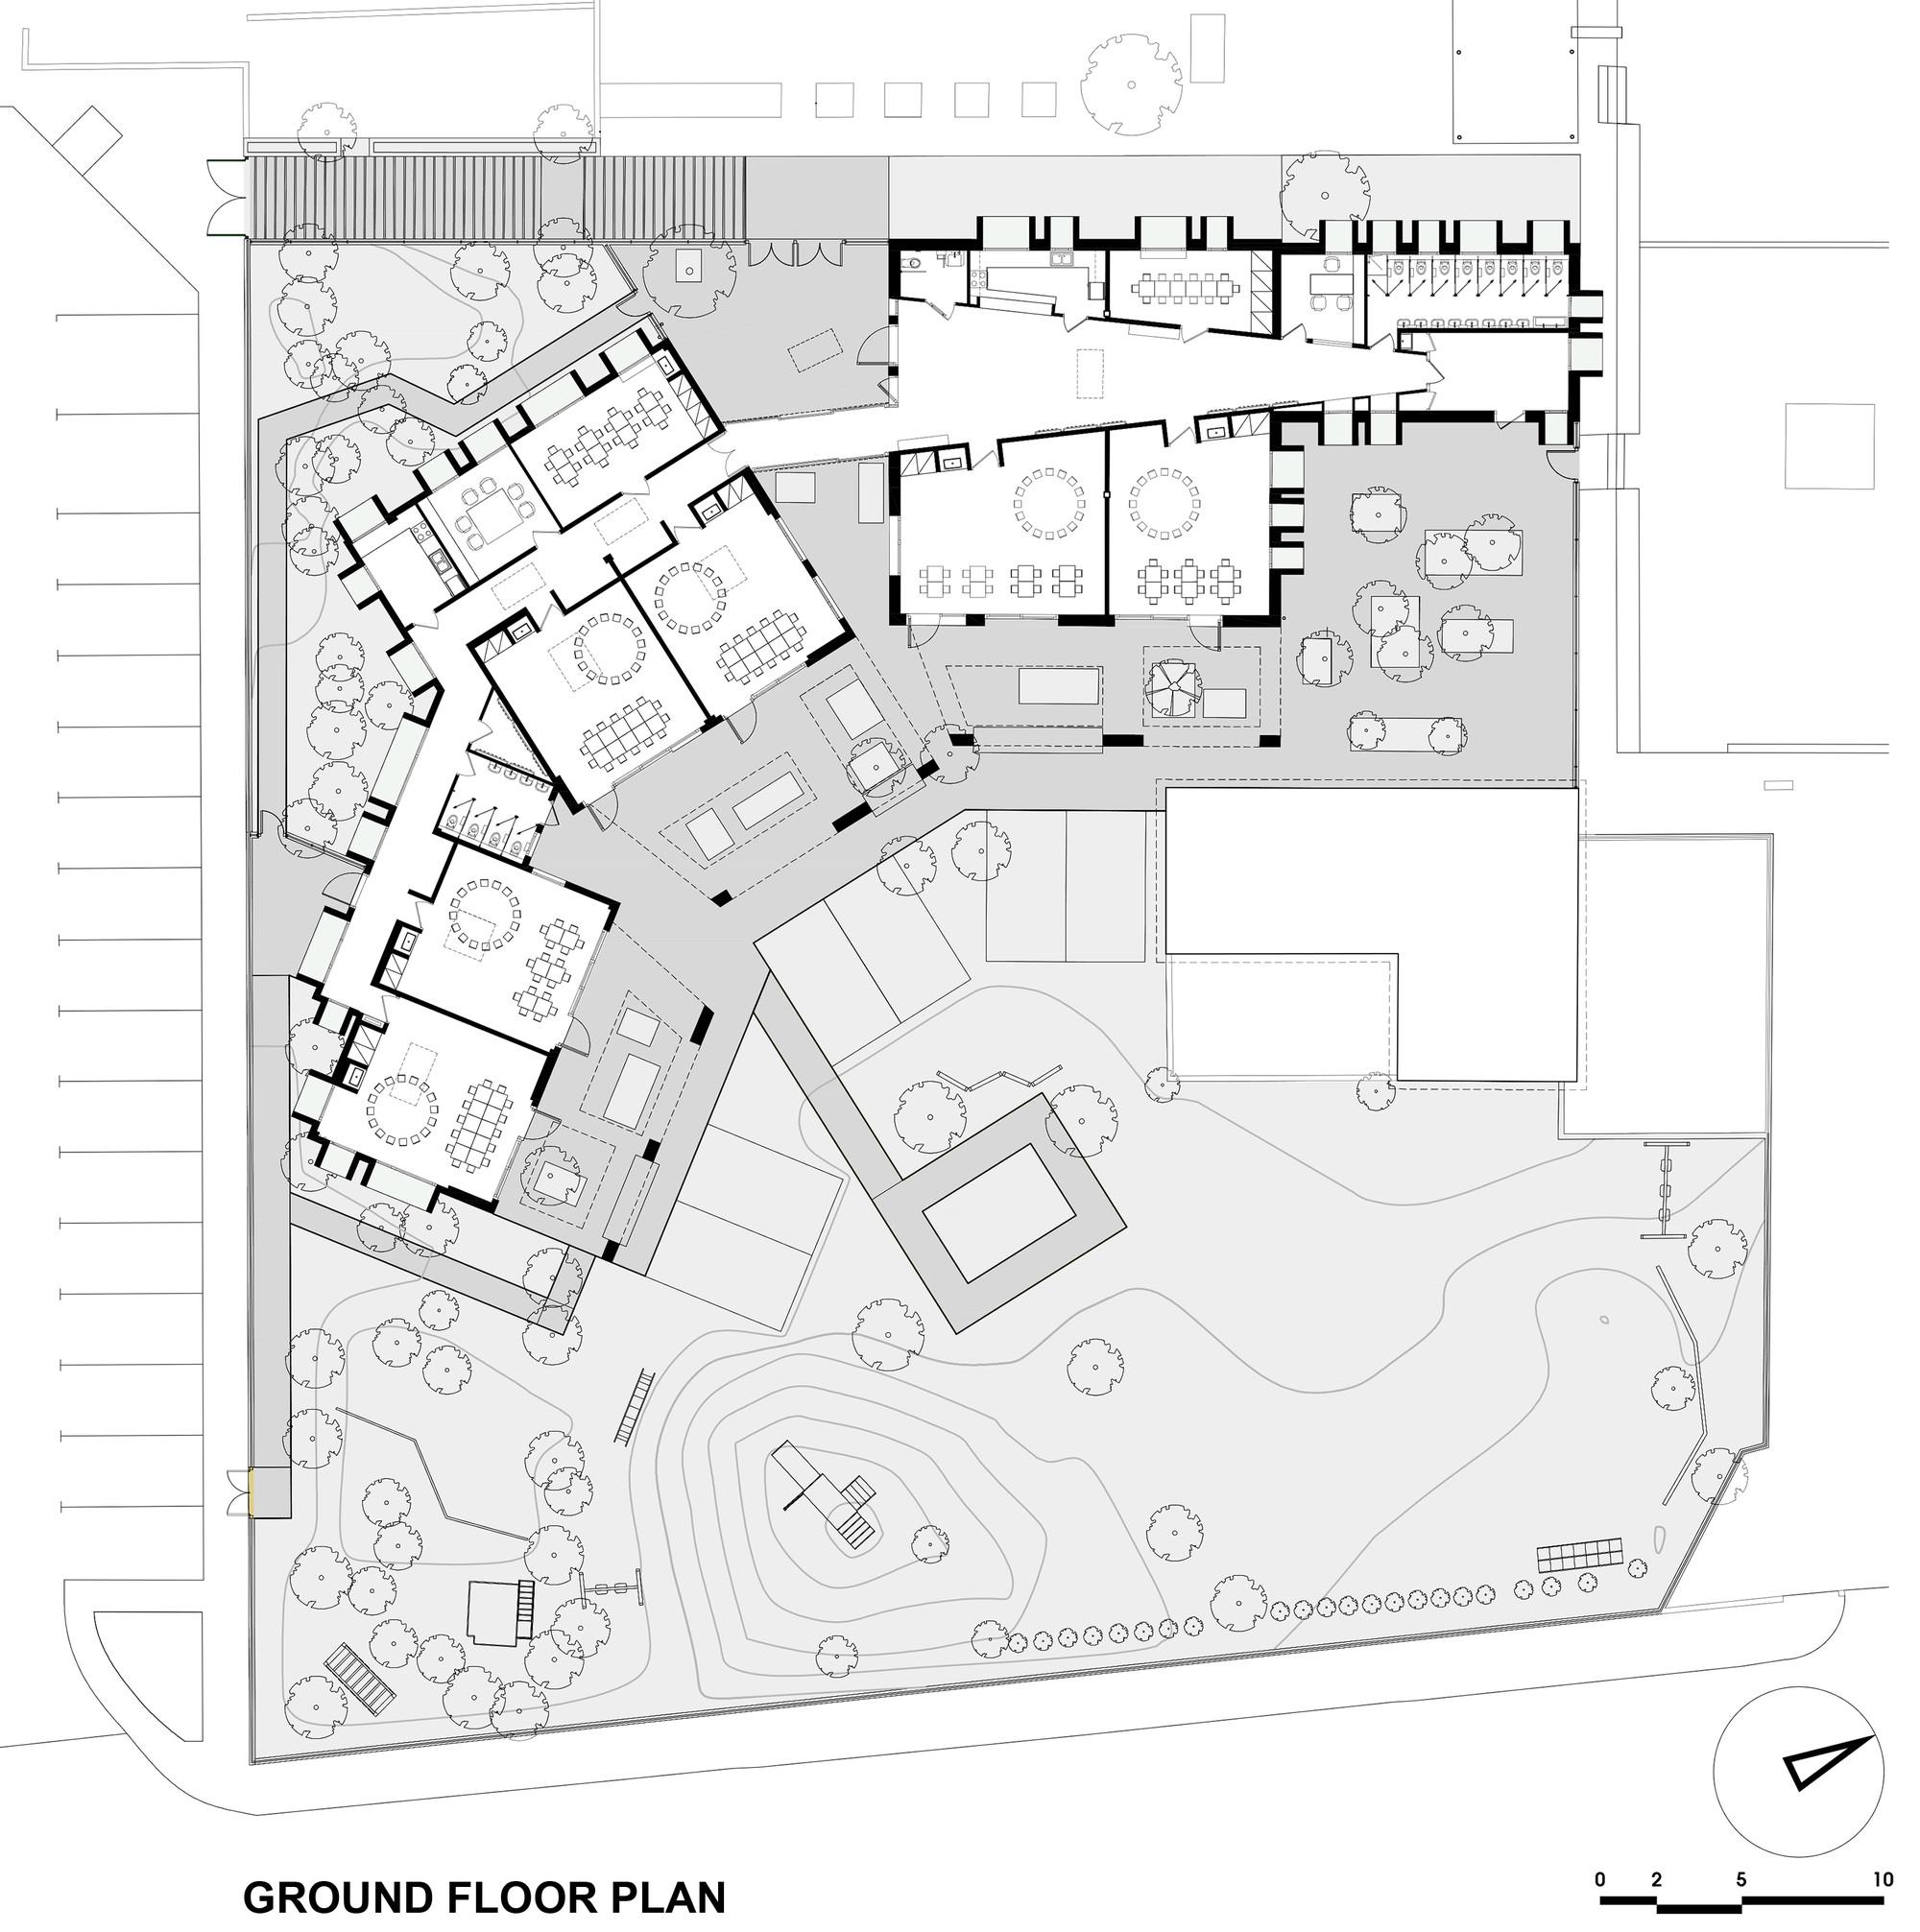 Best House Plans Website: The Kindergarten Of The German School Of Athens